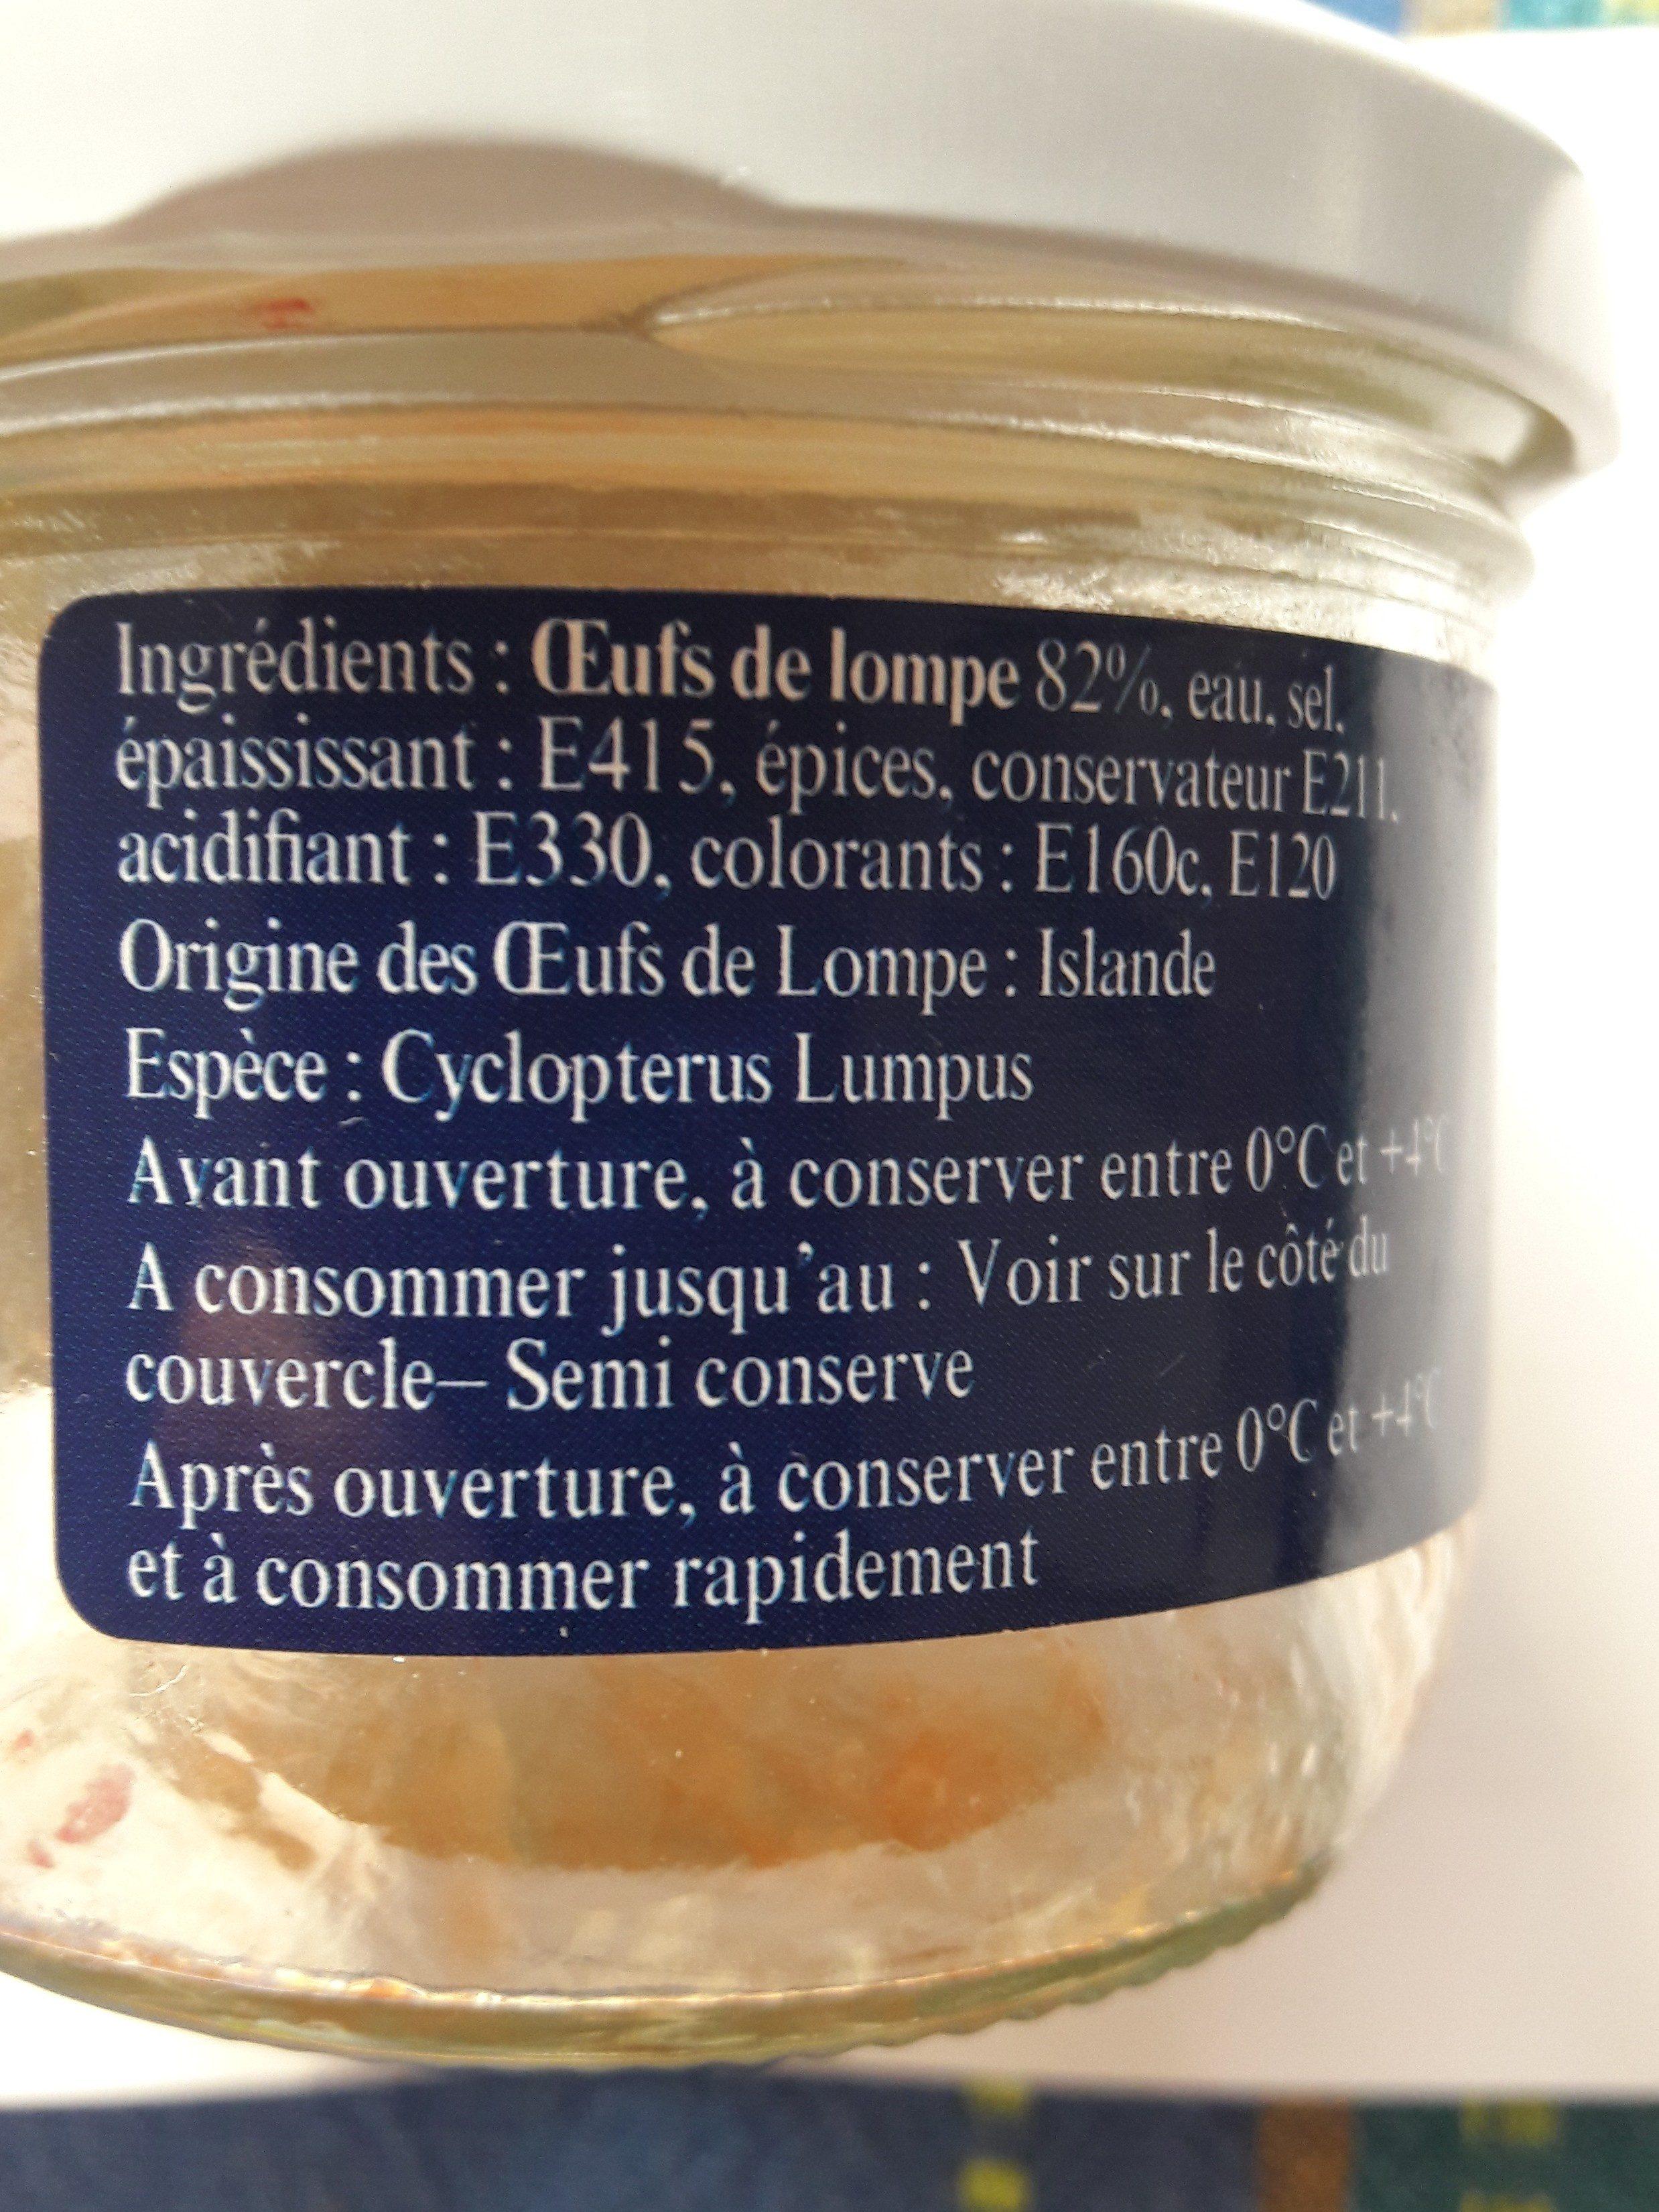 Oeufs De Lompe Rouges - Ingredients - fr